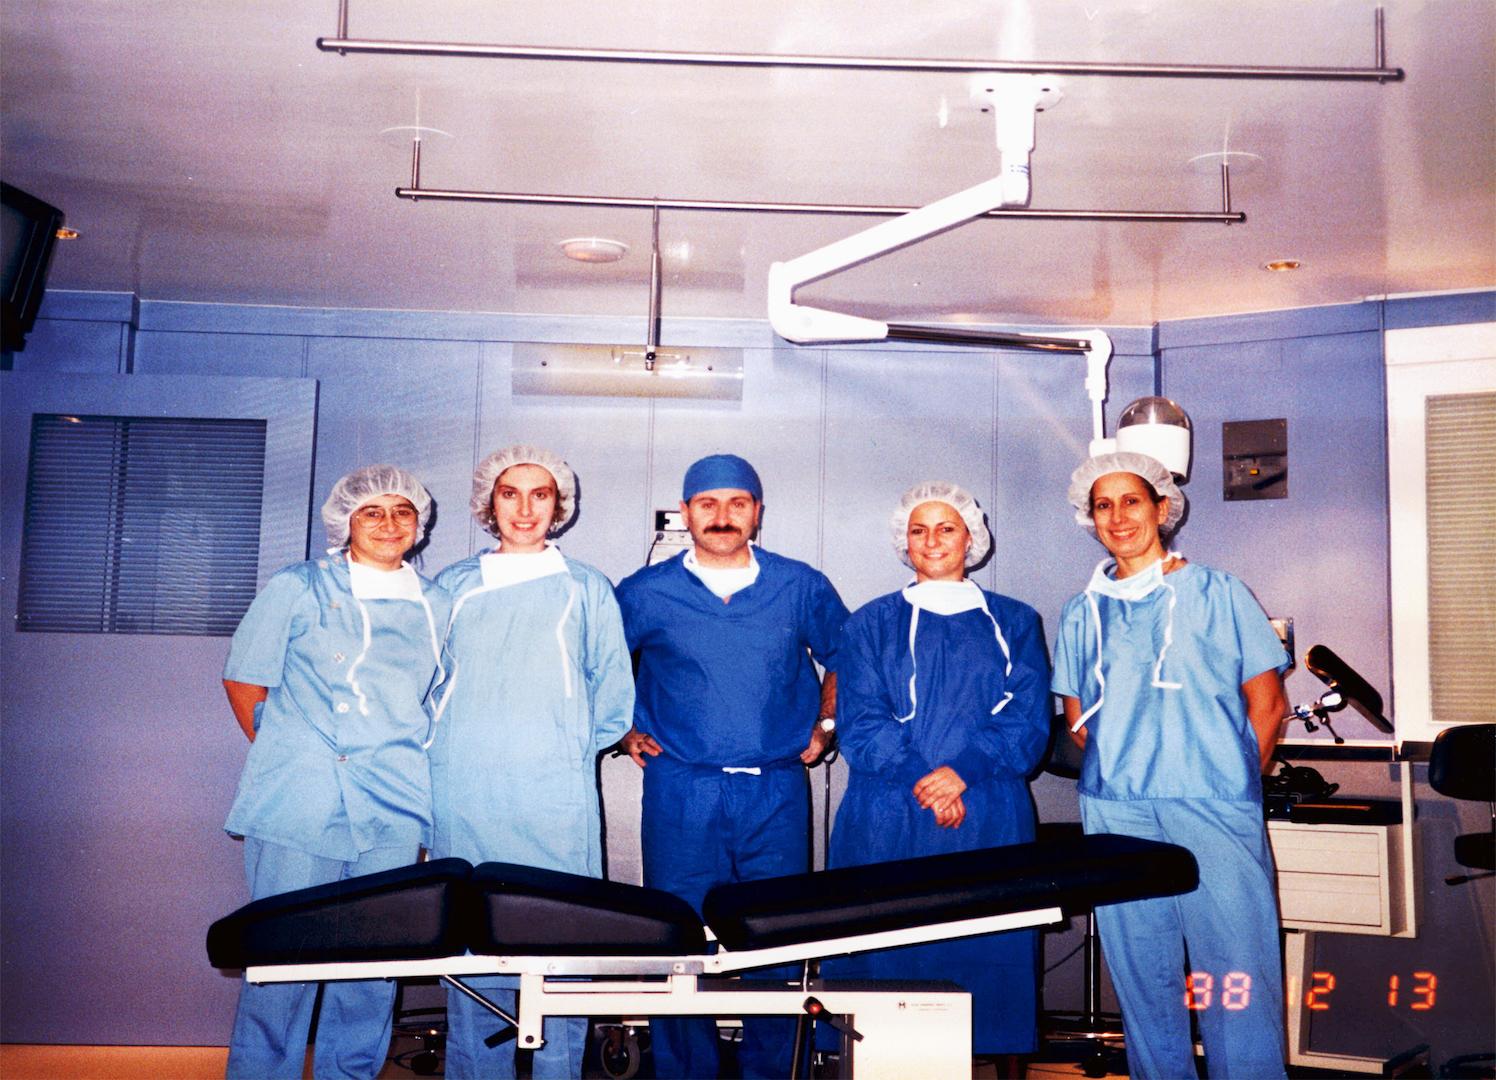 La Consulta dels doctors Rodríguez-Rusiñol compleix 40 anys (1976-2016)